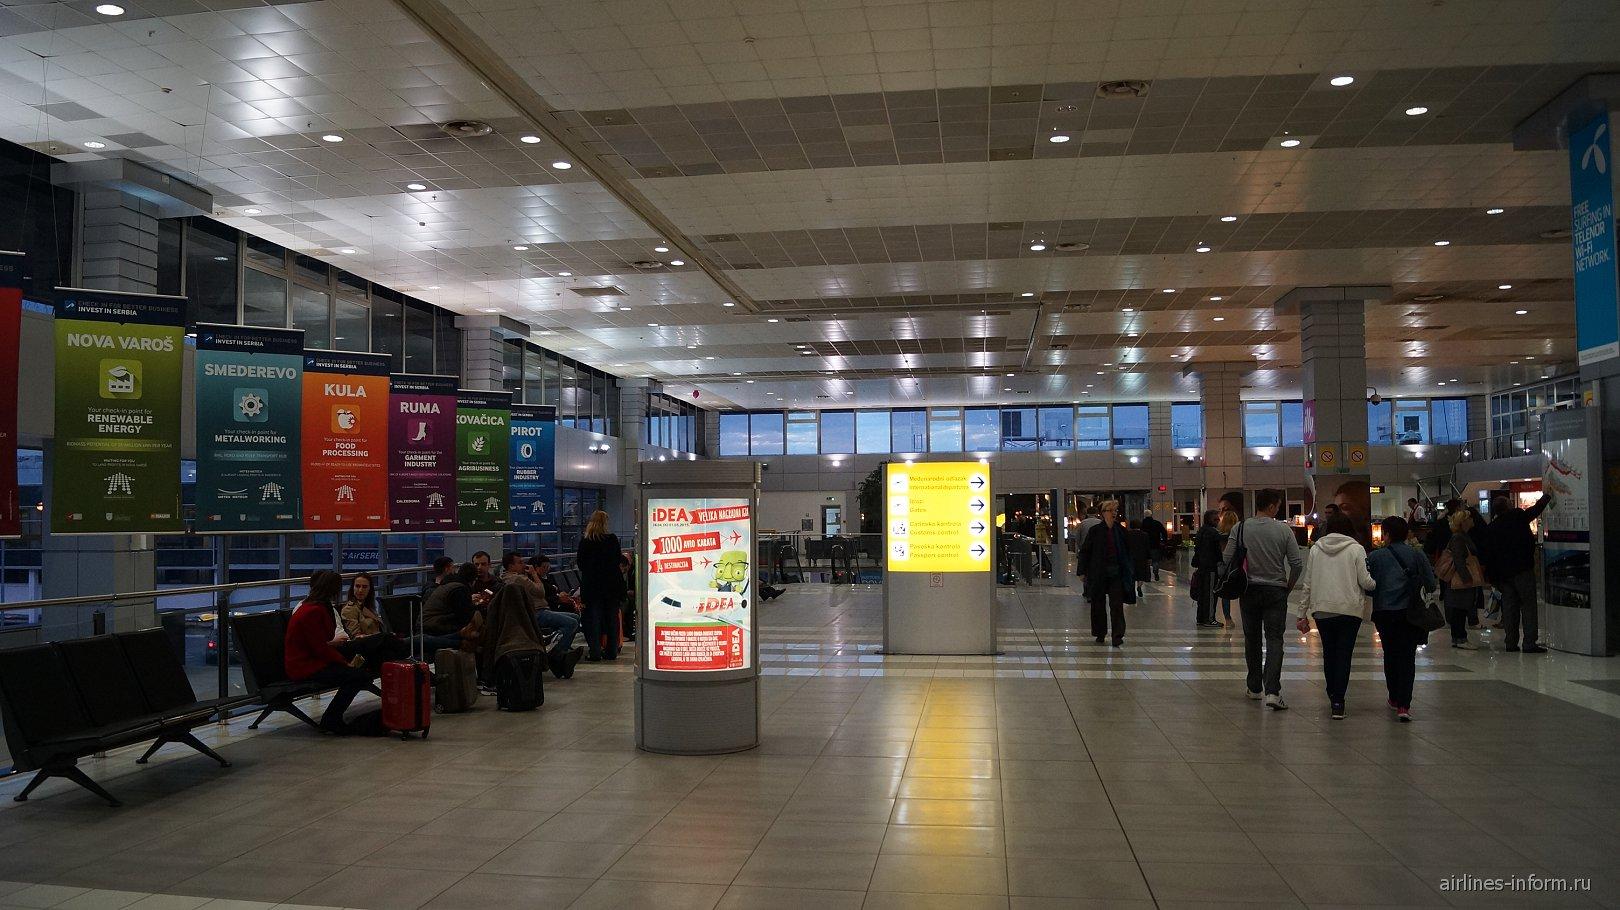 На втором этаже терминала 2 аэропорта Белград Никола Тесла